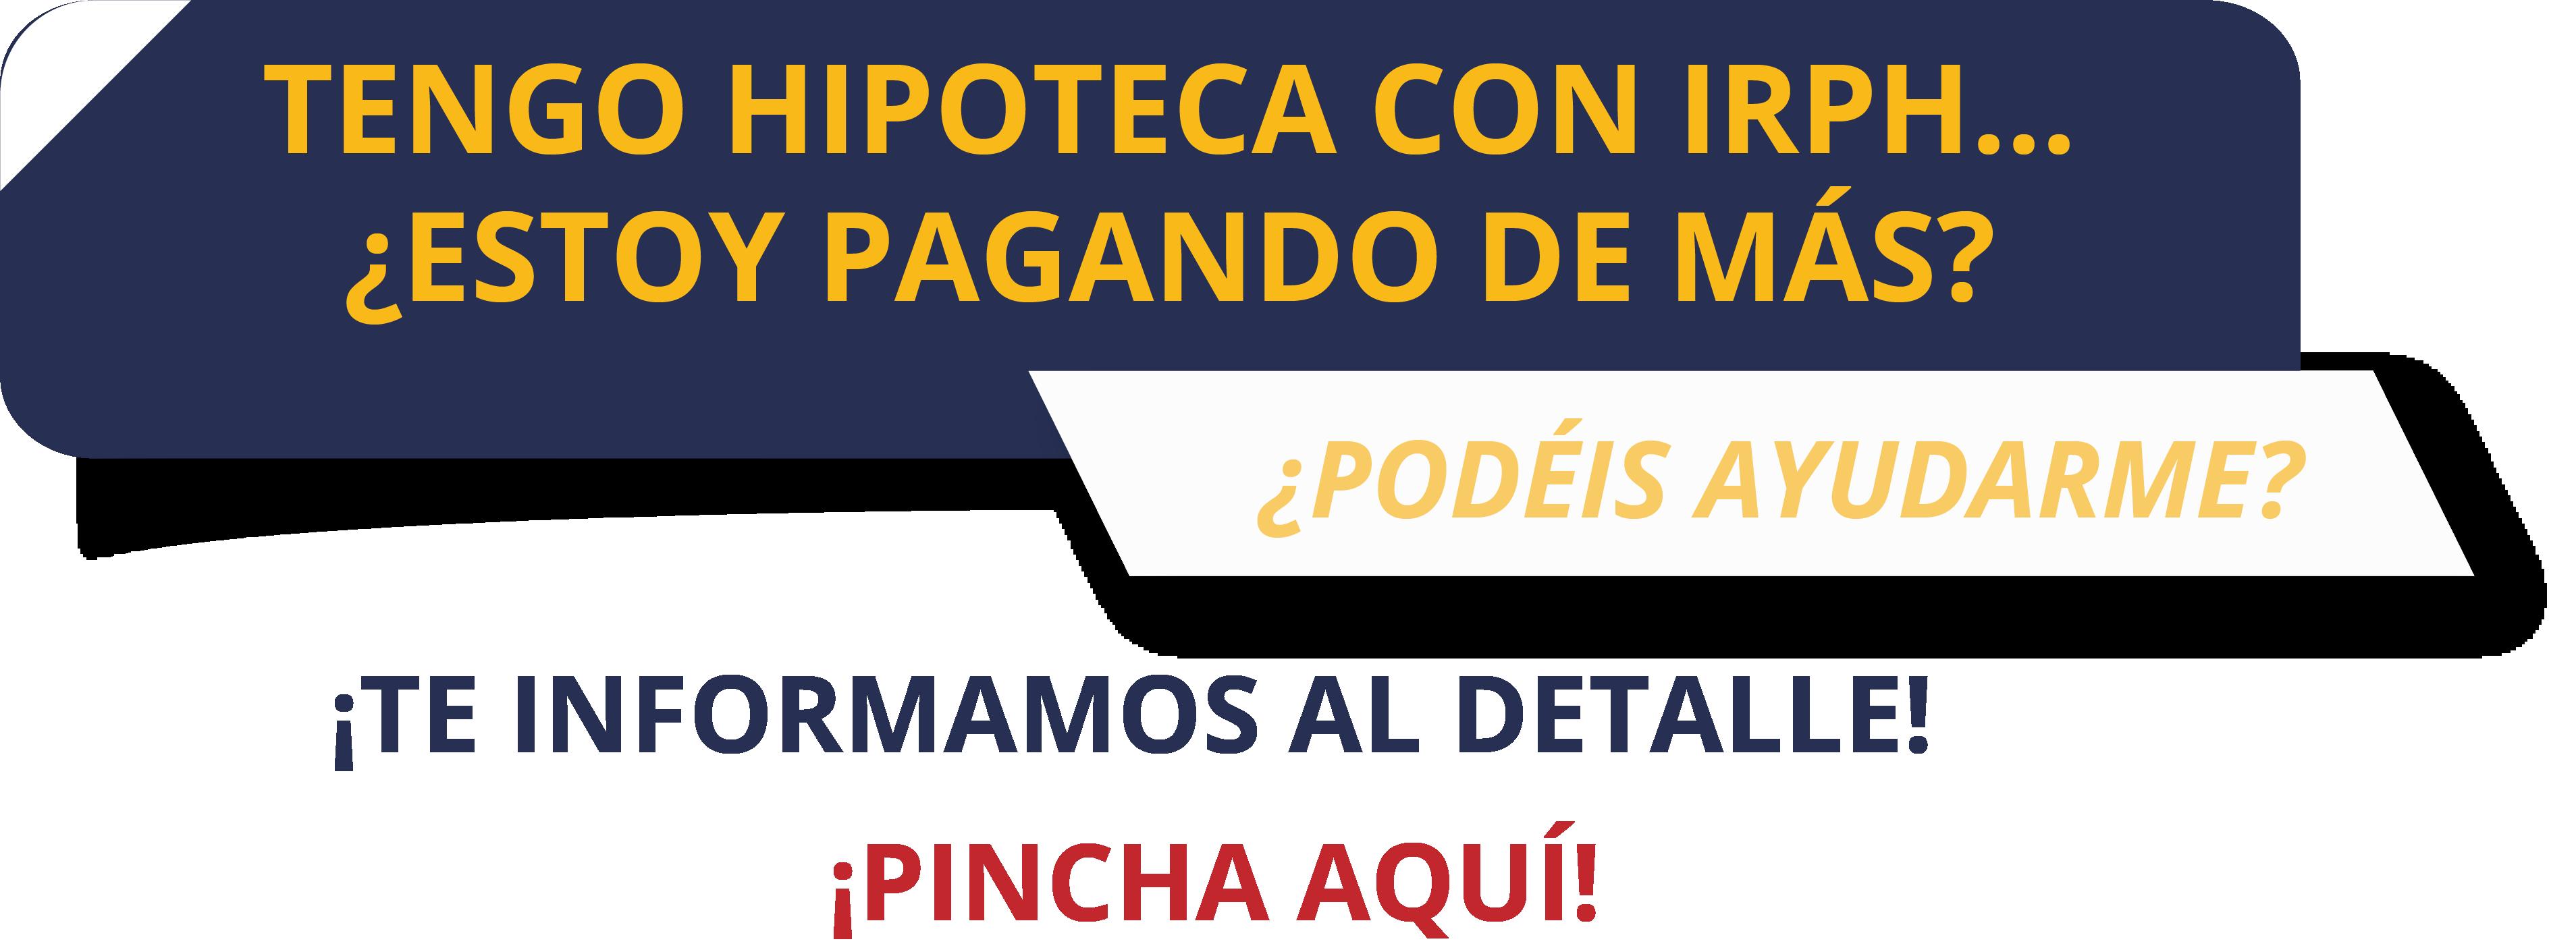 HIPOTECA IRPH abogados Valencia